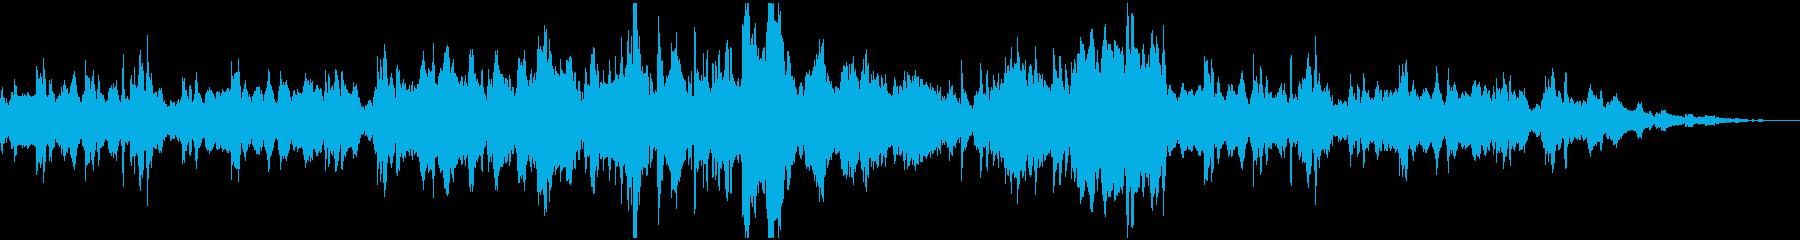 ホーム画面/ループタグ/日常/平和の再生済みの波形